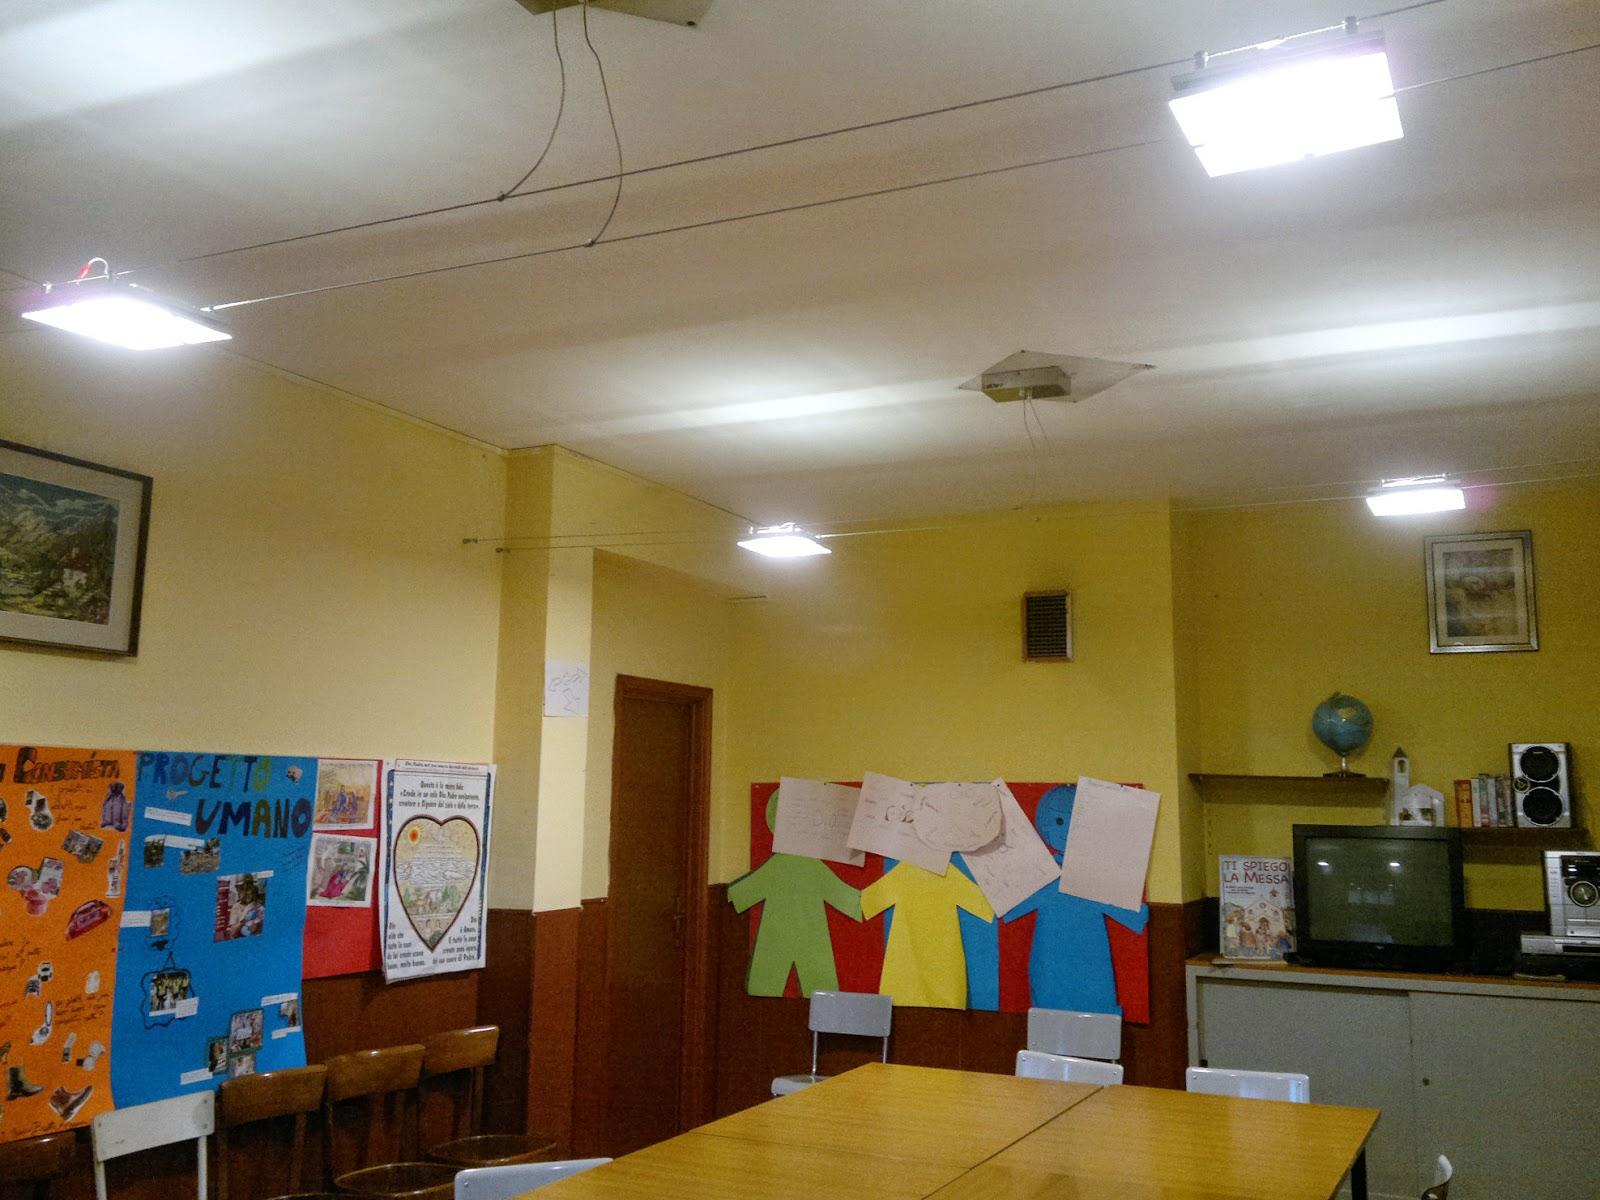 Illuminazione watt per metro quadro ufficio illuminazione per